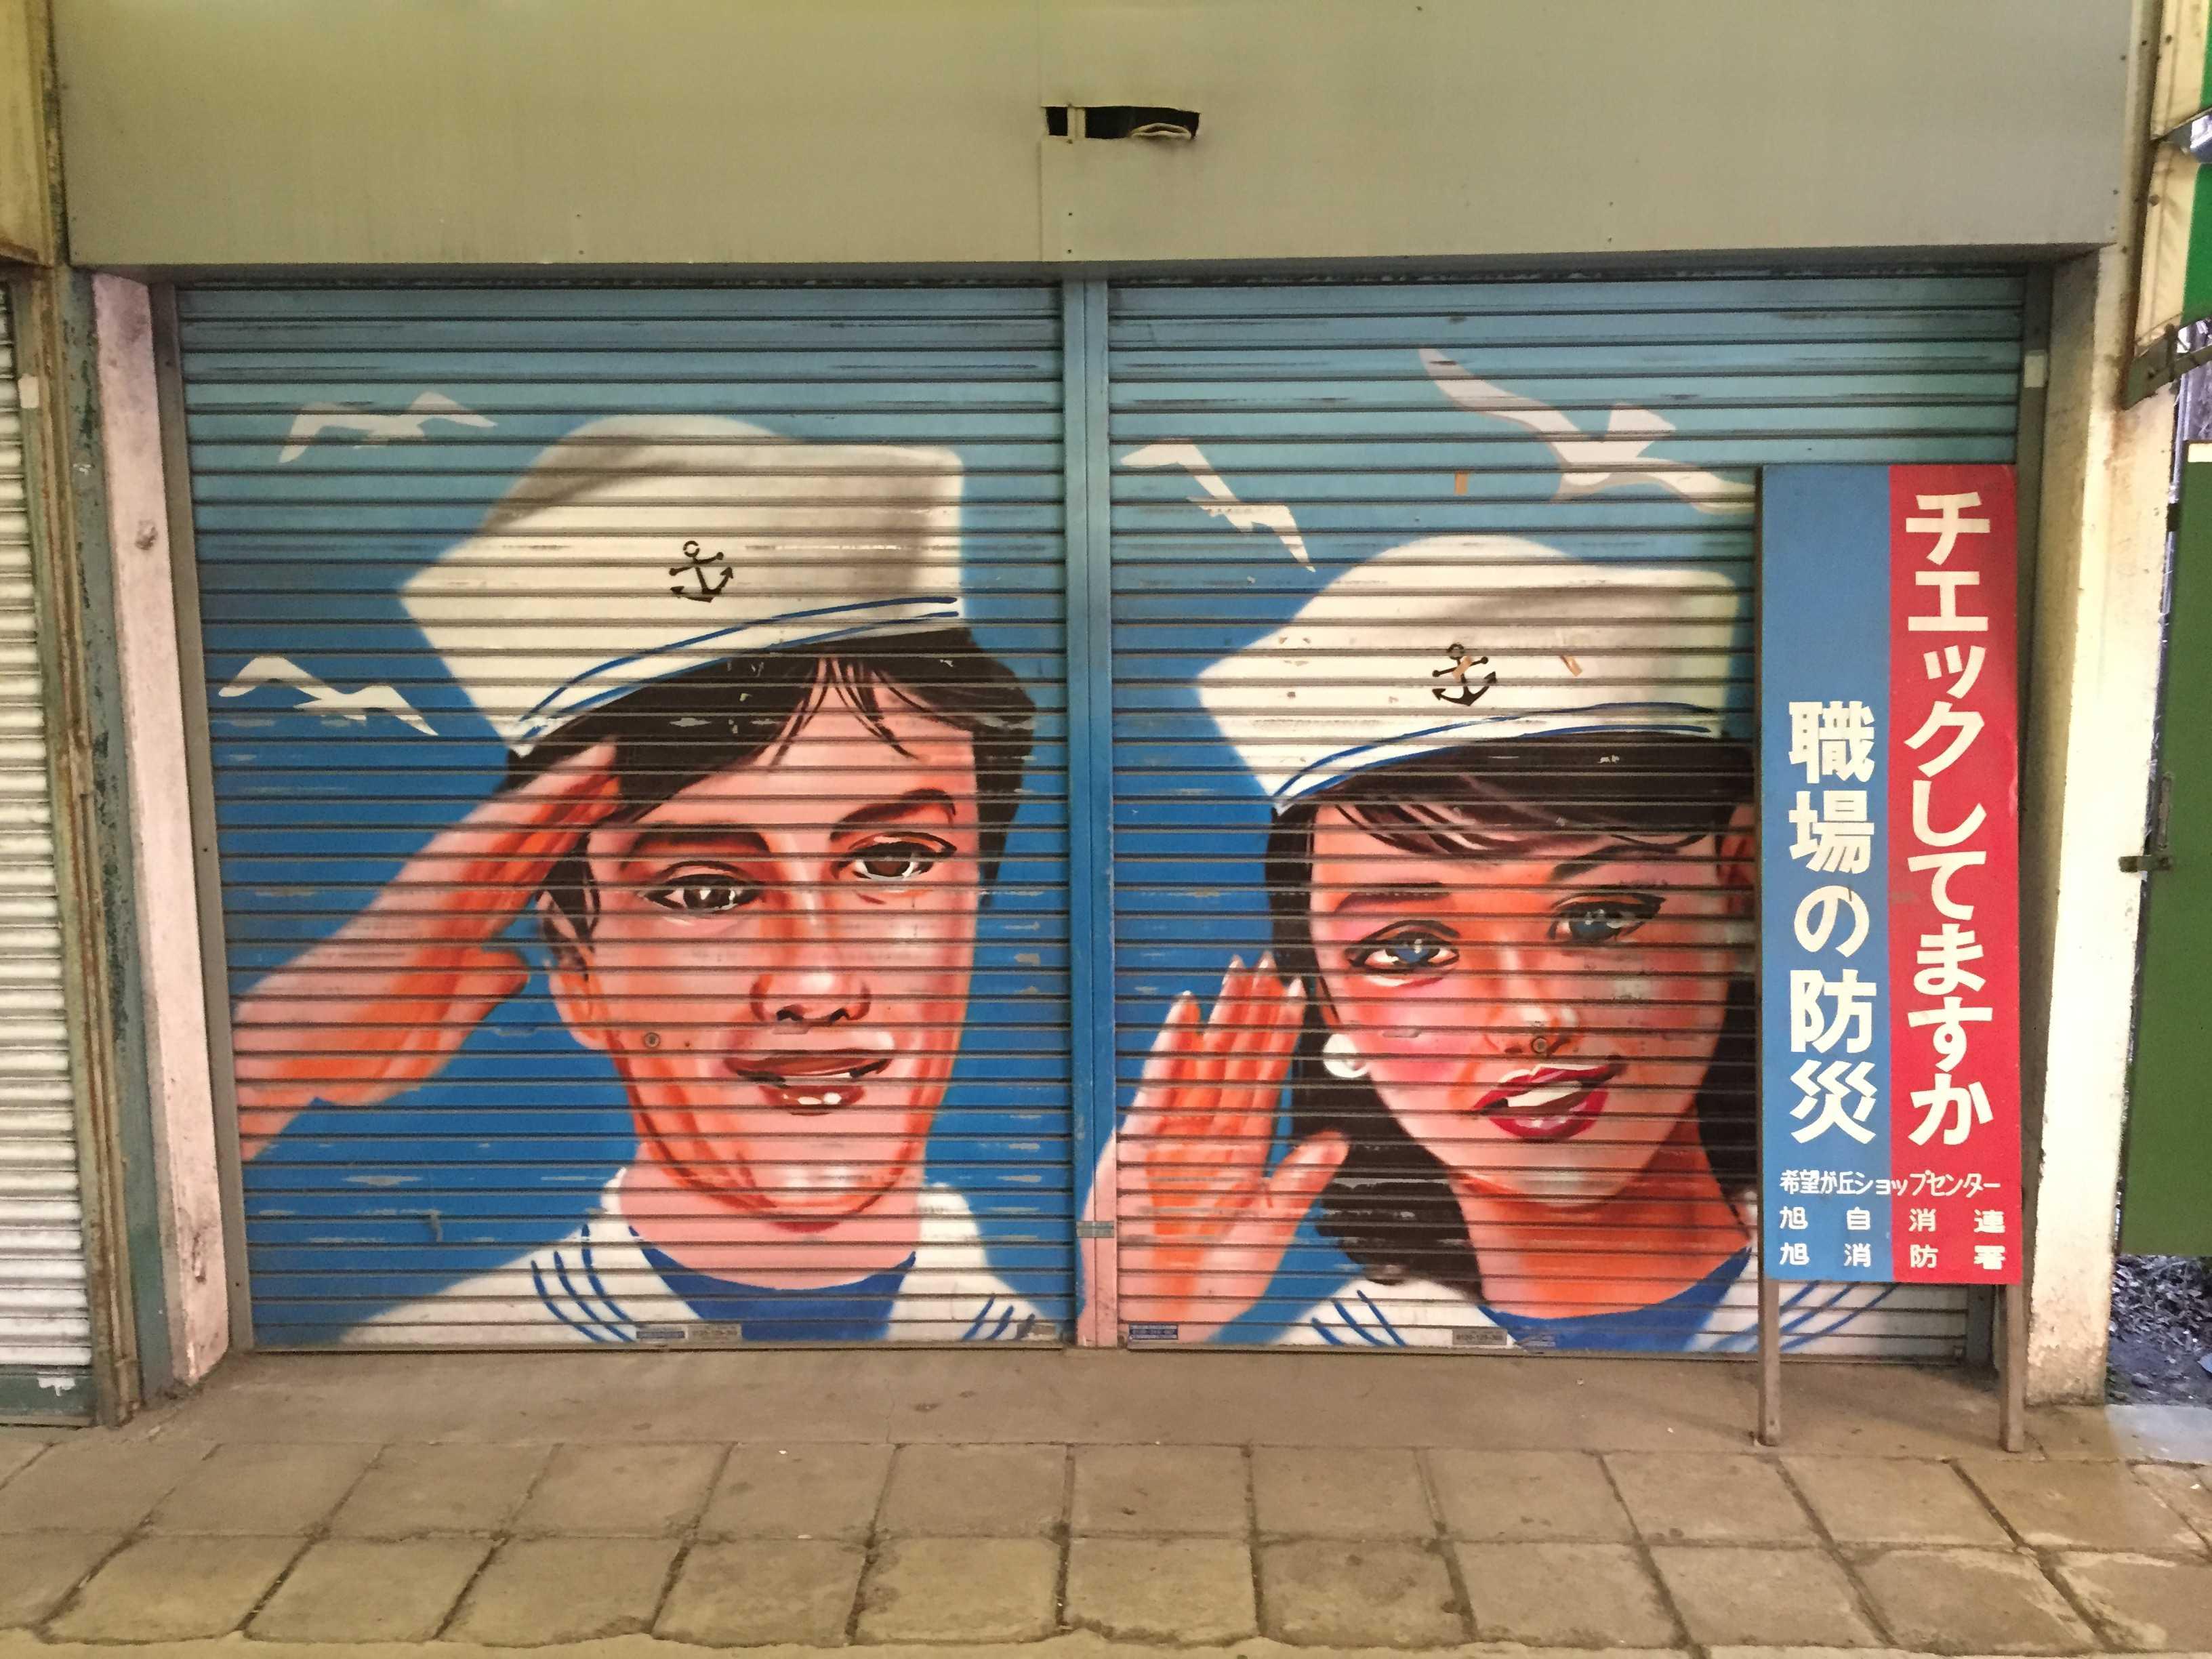 希望ヶ丘ショッピングセンターの水兵さんのシャッター画